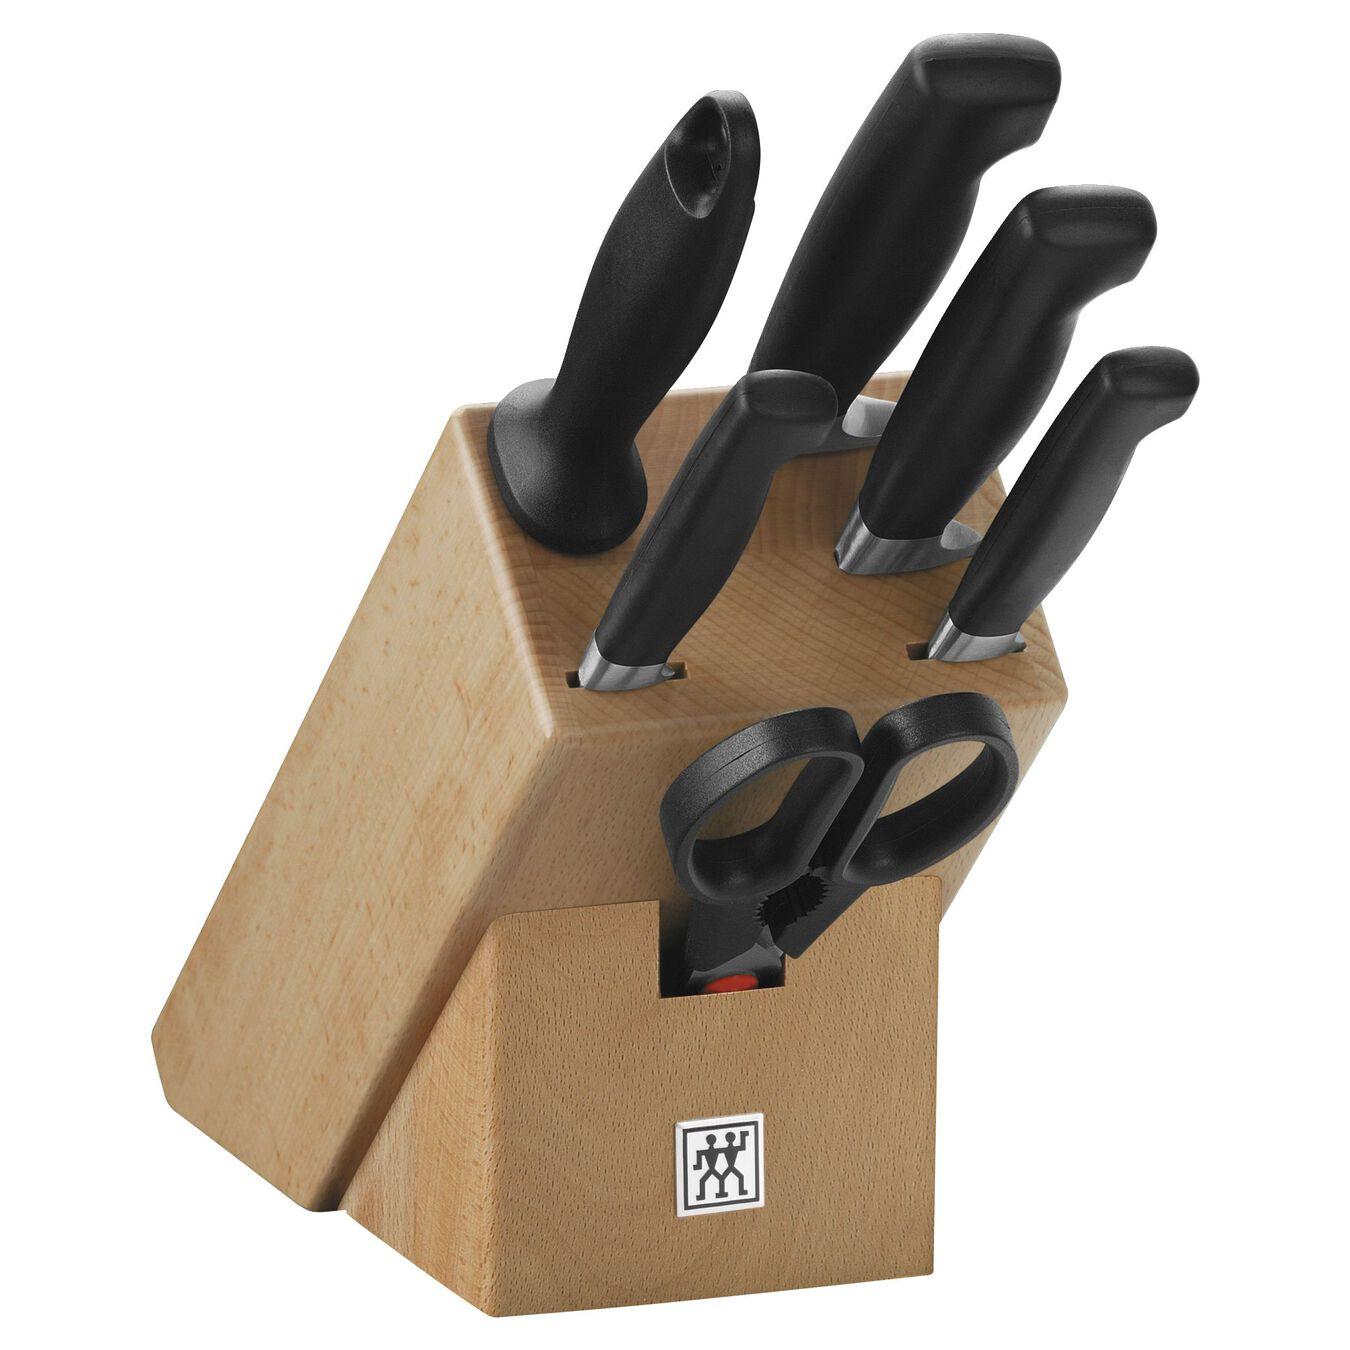 Sæt med knivblok 7-dele, Natur,,large 1